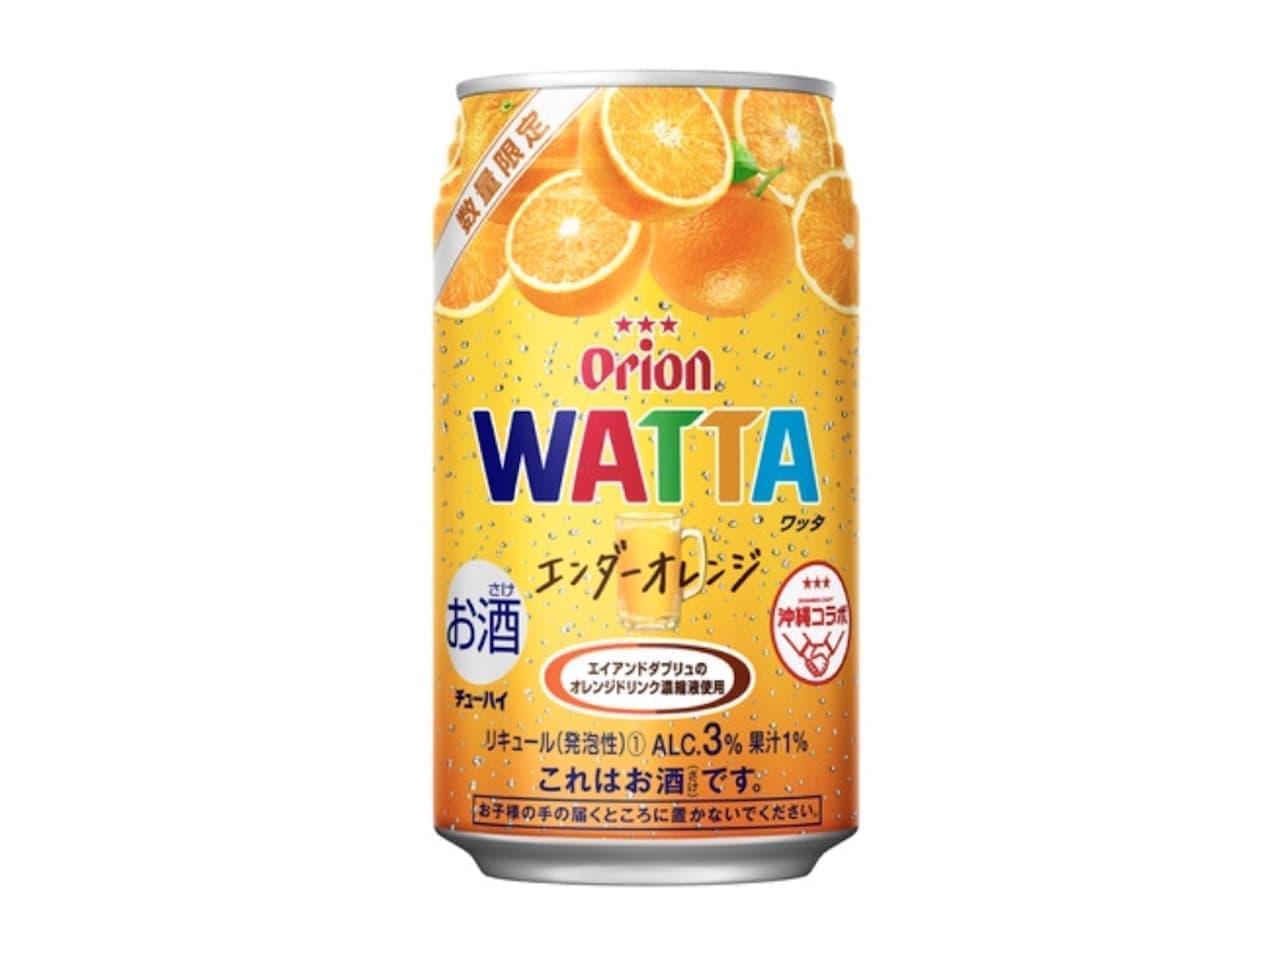 数量限定「WATTA エンダーオレンジ」2倍のオレンジドリンク濃縮液使用